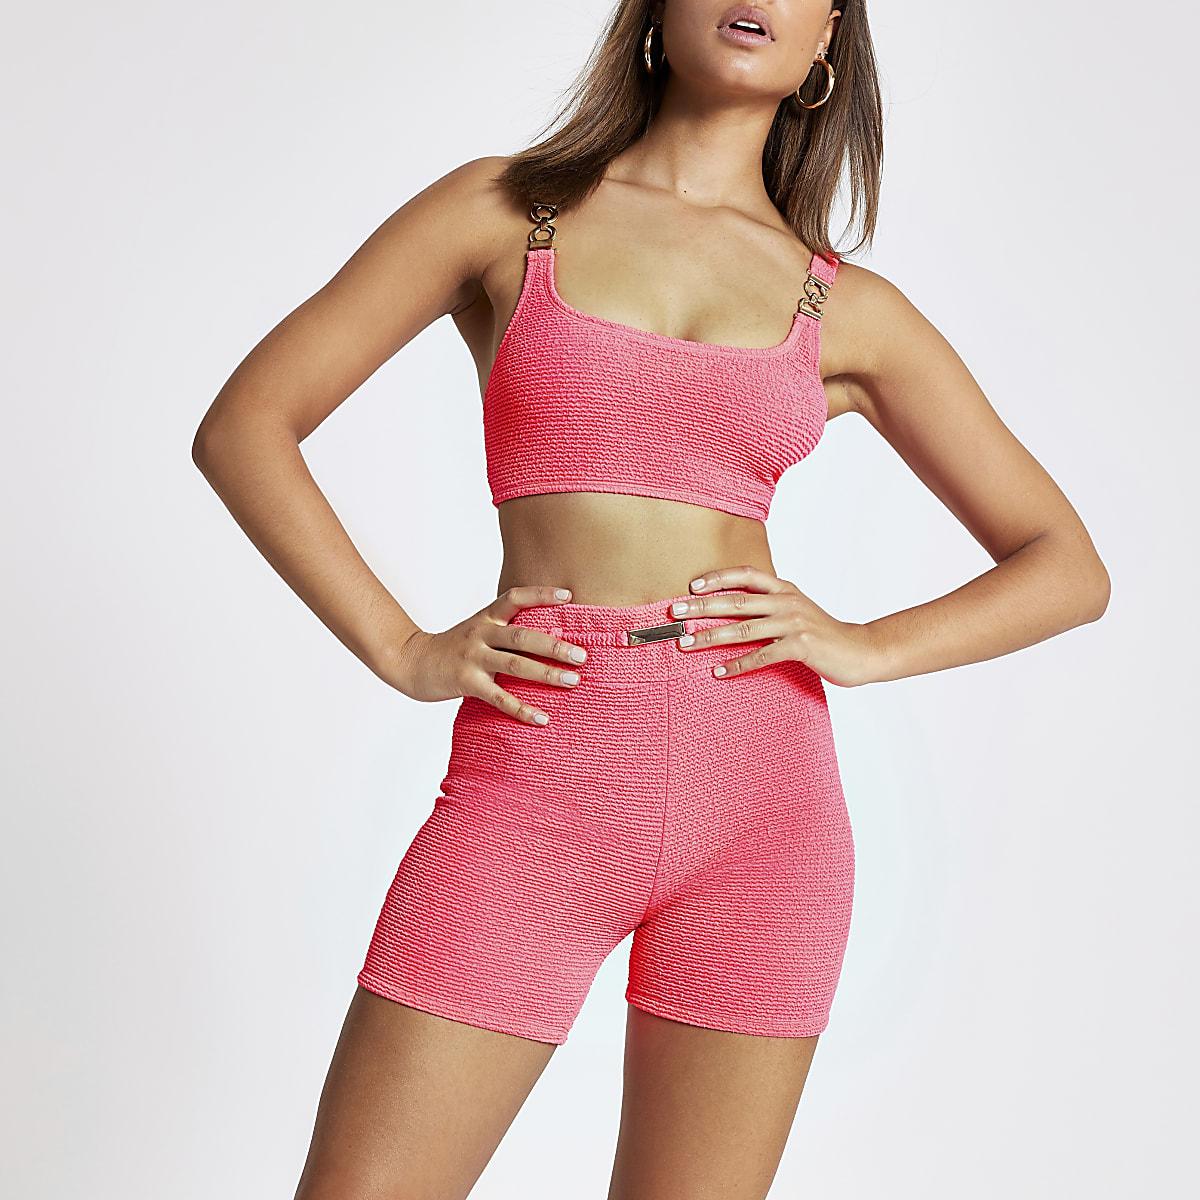 Neon pink high waist bikini shorts